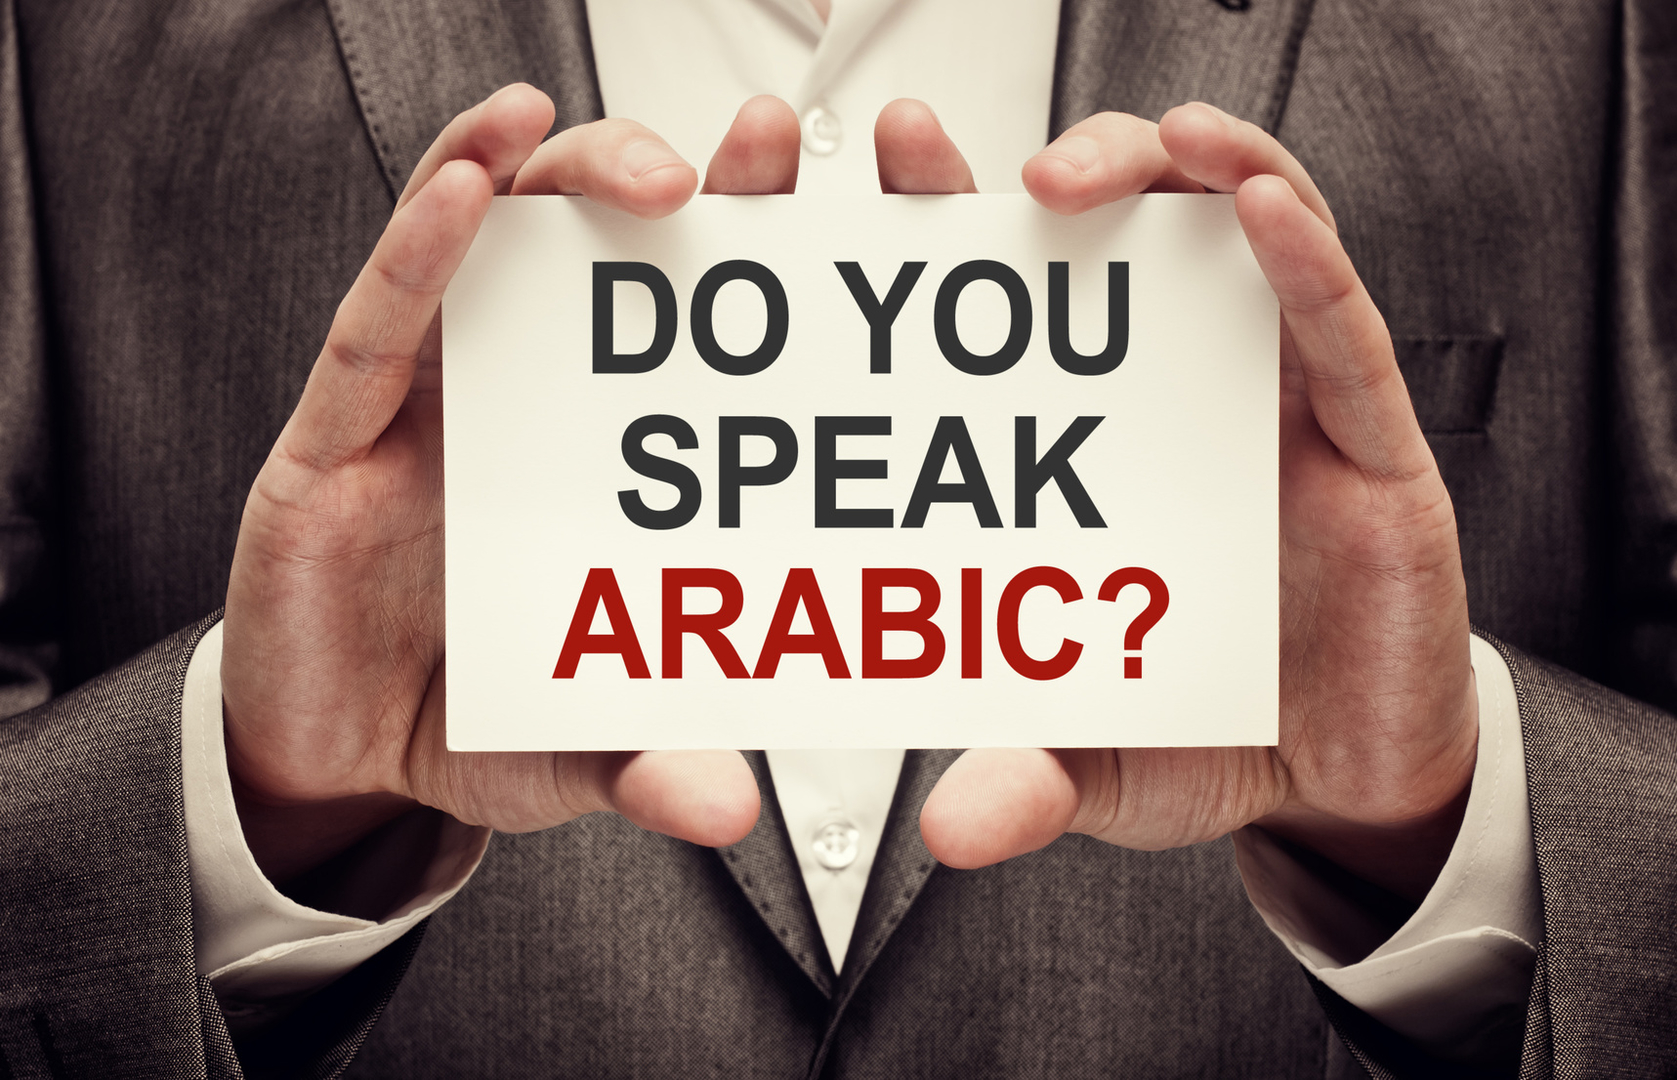 קורס ערבית | לימודי החוץ של האוניברסיטה הפתוחה